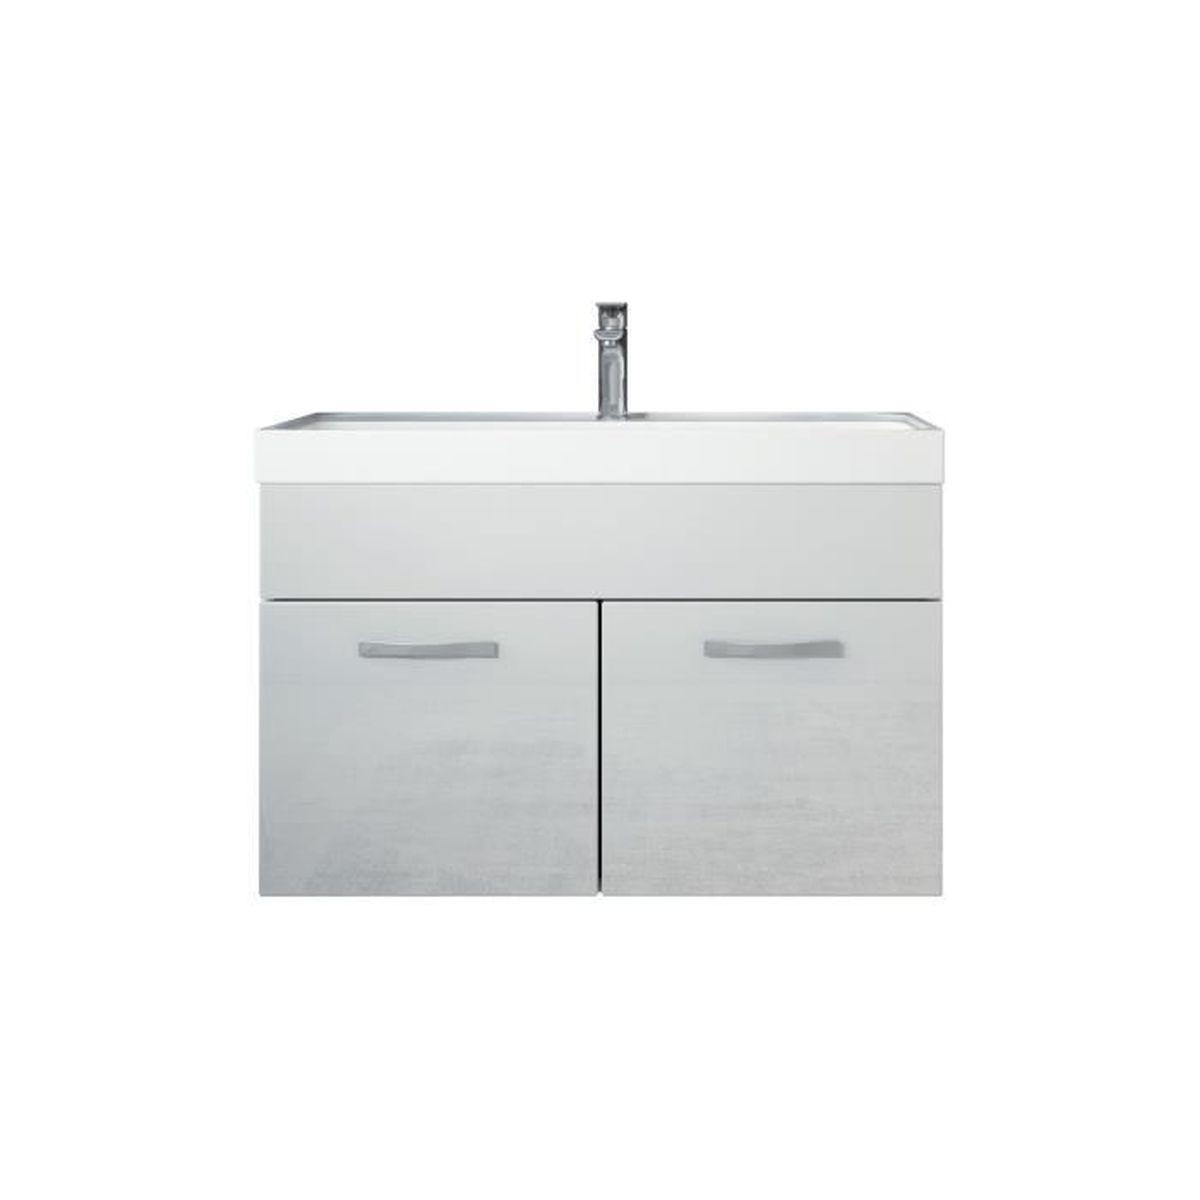 Meuble de salle de bain paso 01 meuble lavabo vier for Evier de salle de bain